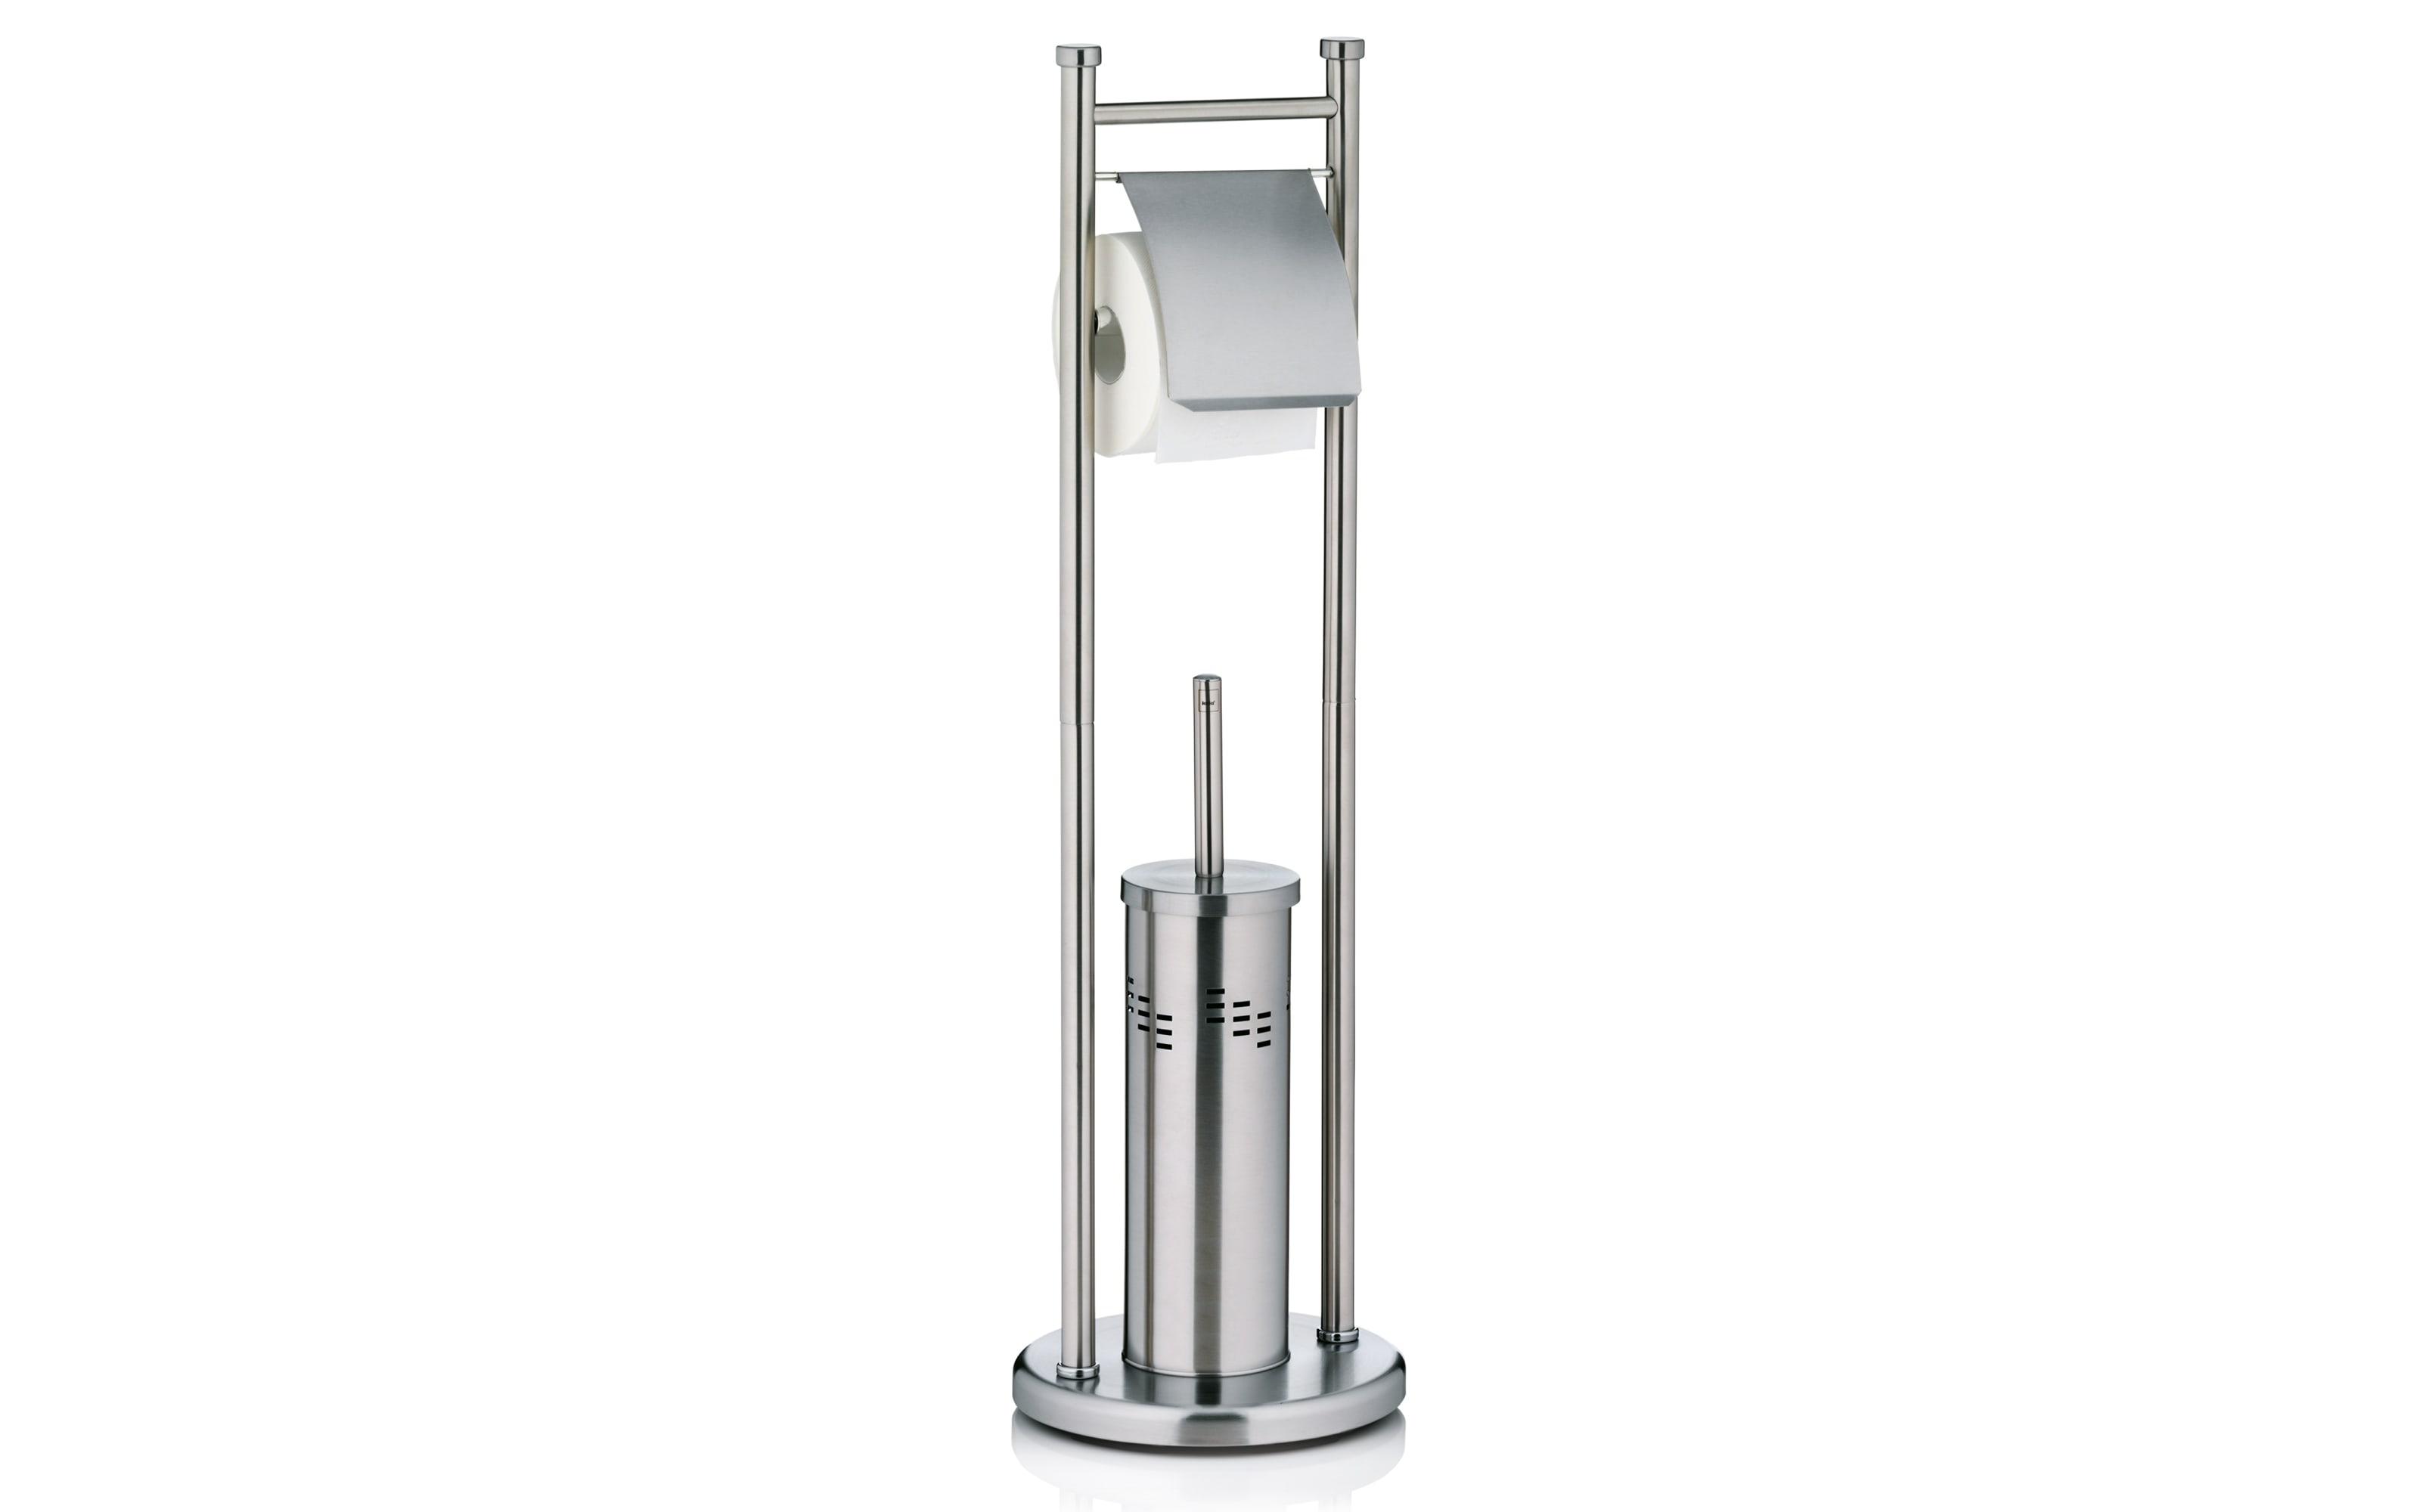 Toilettengarnitur Swing aus Edelstahl, 77 cm